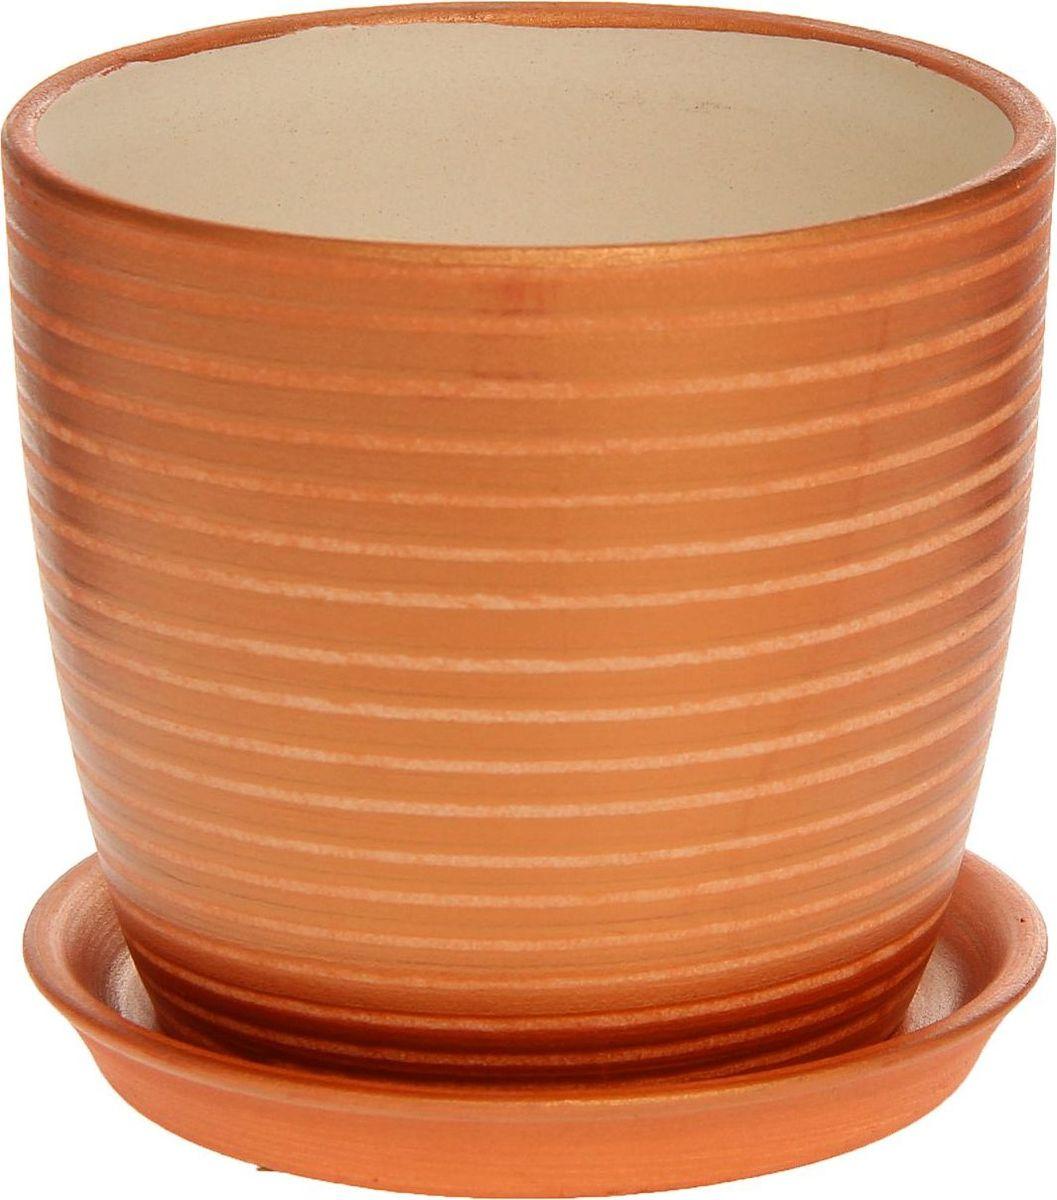 Кашпо Керамика ручной работы Осень. Радуга, цвет: бронзовый, 0,5 л1170267Комнатные растения — всеобщие любимцы. Они радуют глаз, насыщают помещение кислородом и украшают пространство. Каждому из них необходим свой удобный и красивый дом. Кашпо из керамики прекрасно подходят для высадки растений: за счёт пластичности глины и разных способов обработки существует великое множество форм и дизайновпористый материал позволяет испаряться лишней влагевоздух, необходимый для дыхания корней, проникает сквозь керамические стенки! #name# позаботится о зелёном питомце, освежит интерьер и подчеркнёт его стиль.